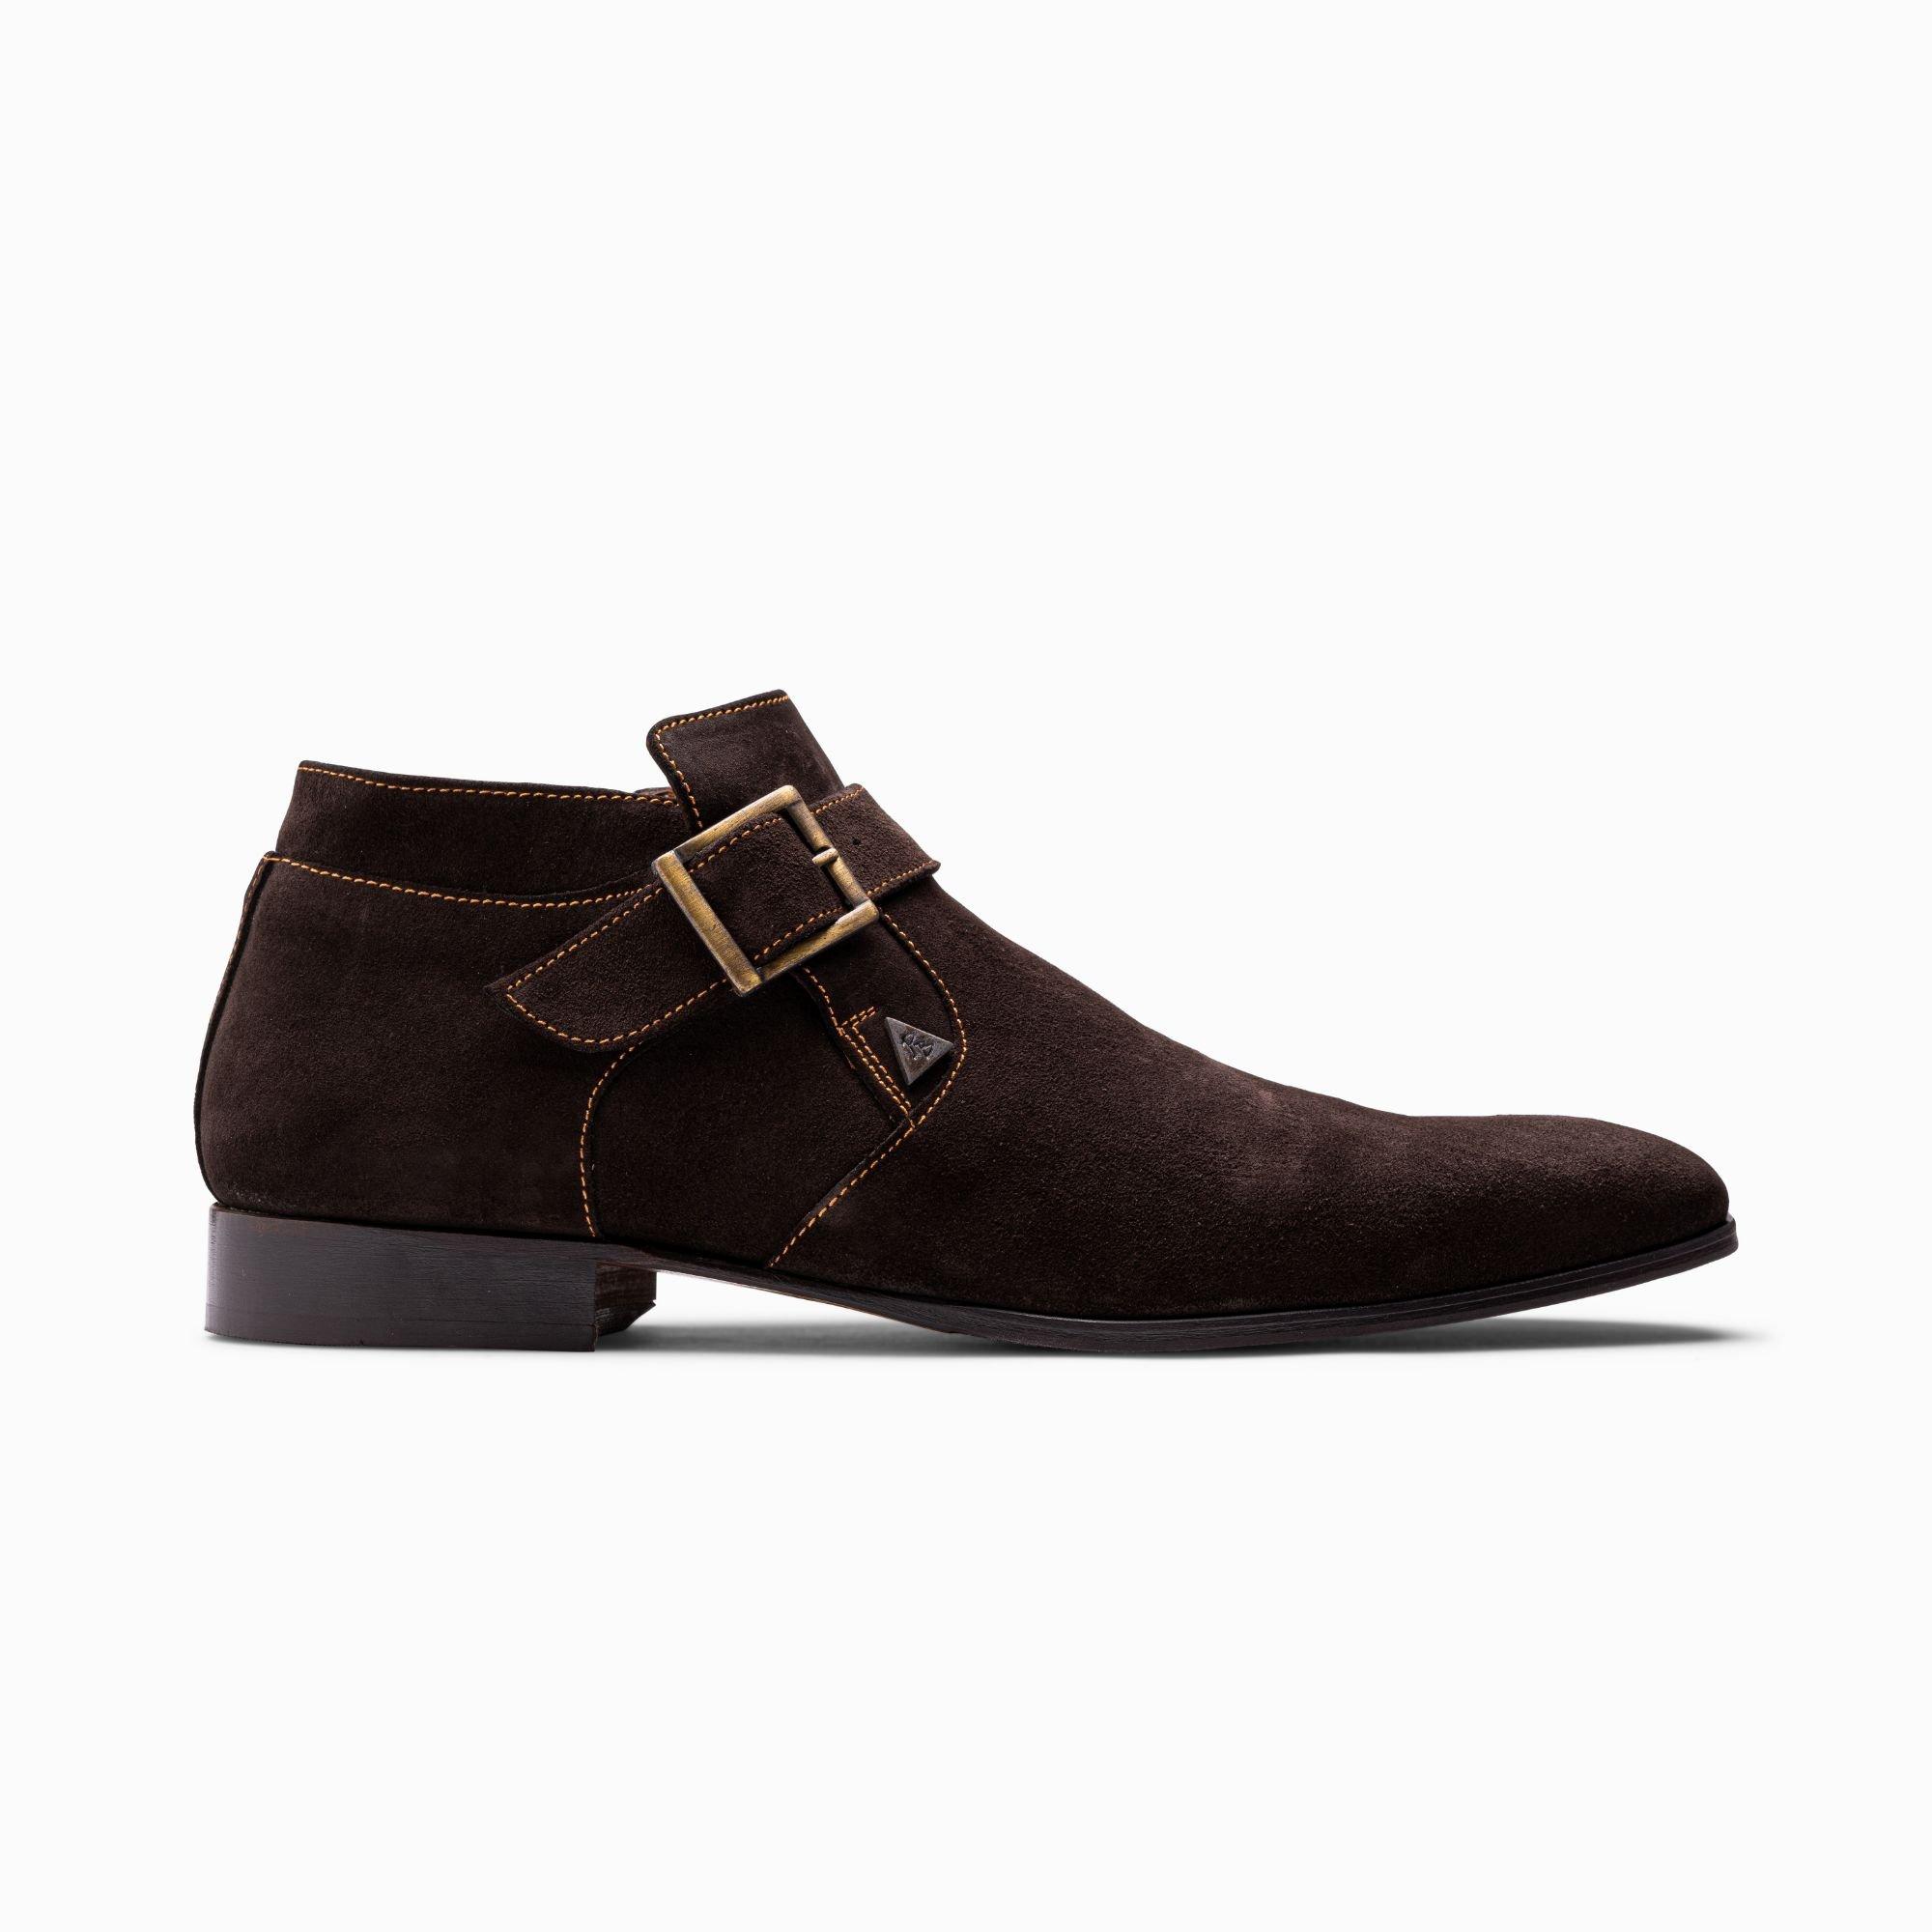 1829-brown-suede